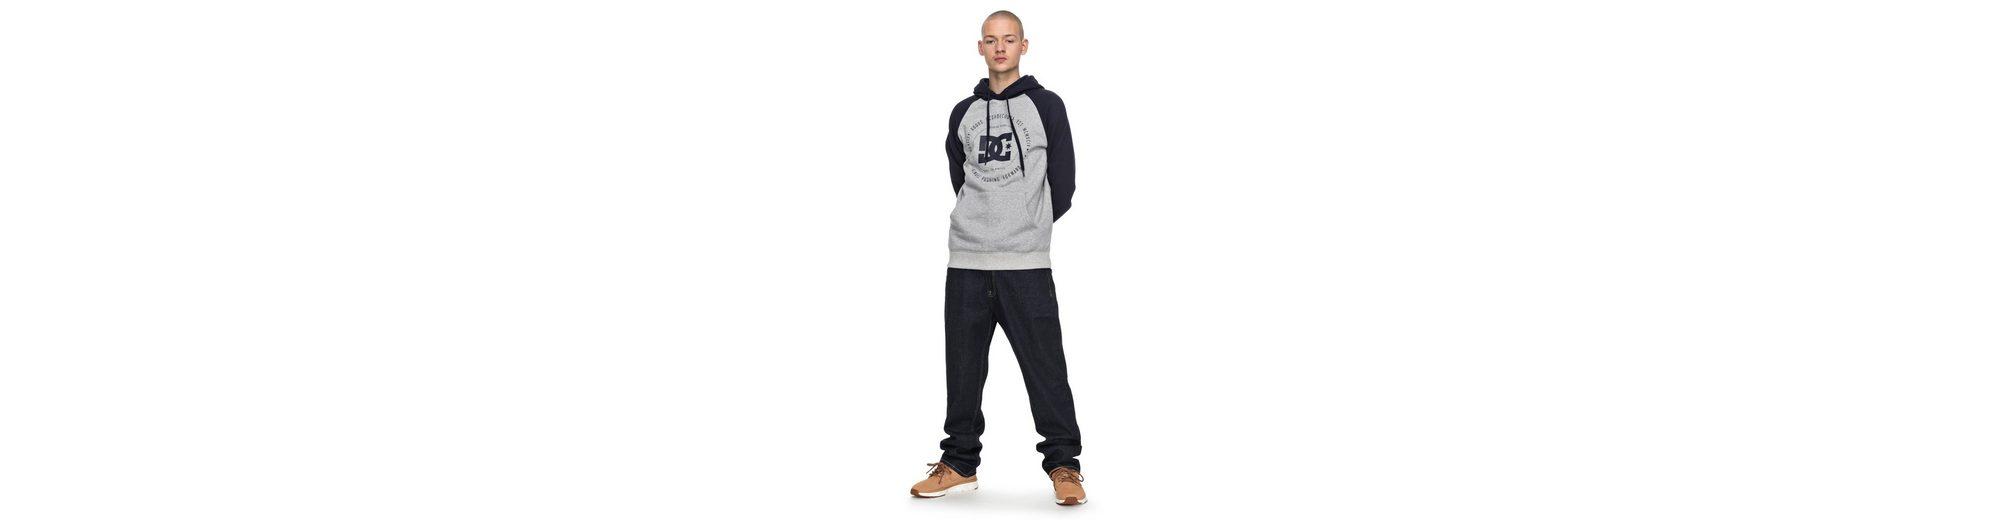 DC Shoes Hoodie Rebuilt Rabatt Erstaunlicher Preis Billig 100% Garantiert Angebote Günstiger Preis Neue Online vrEoVx6Hc